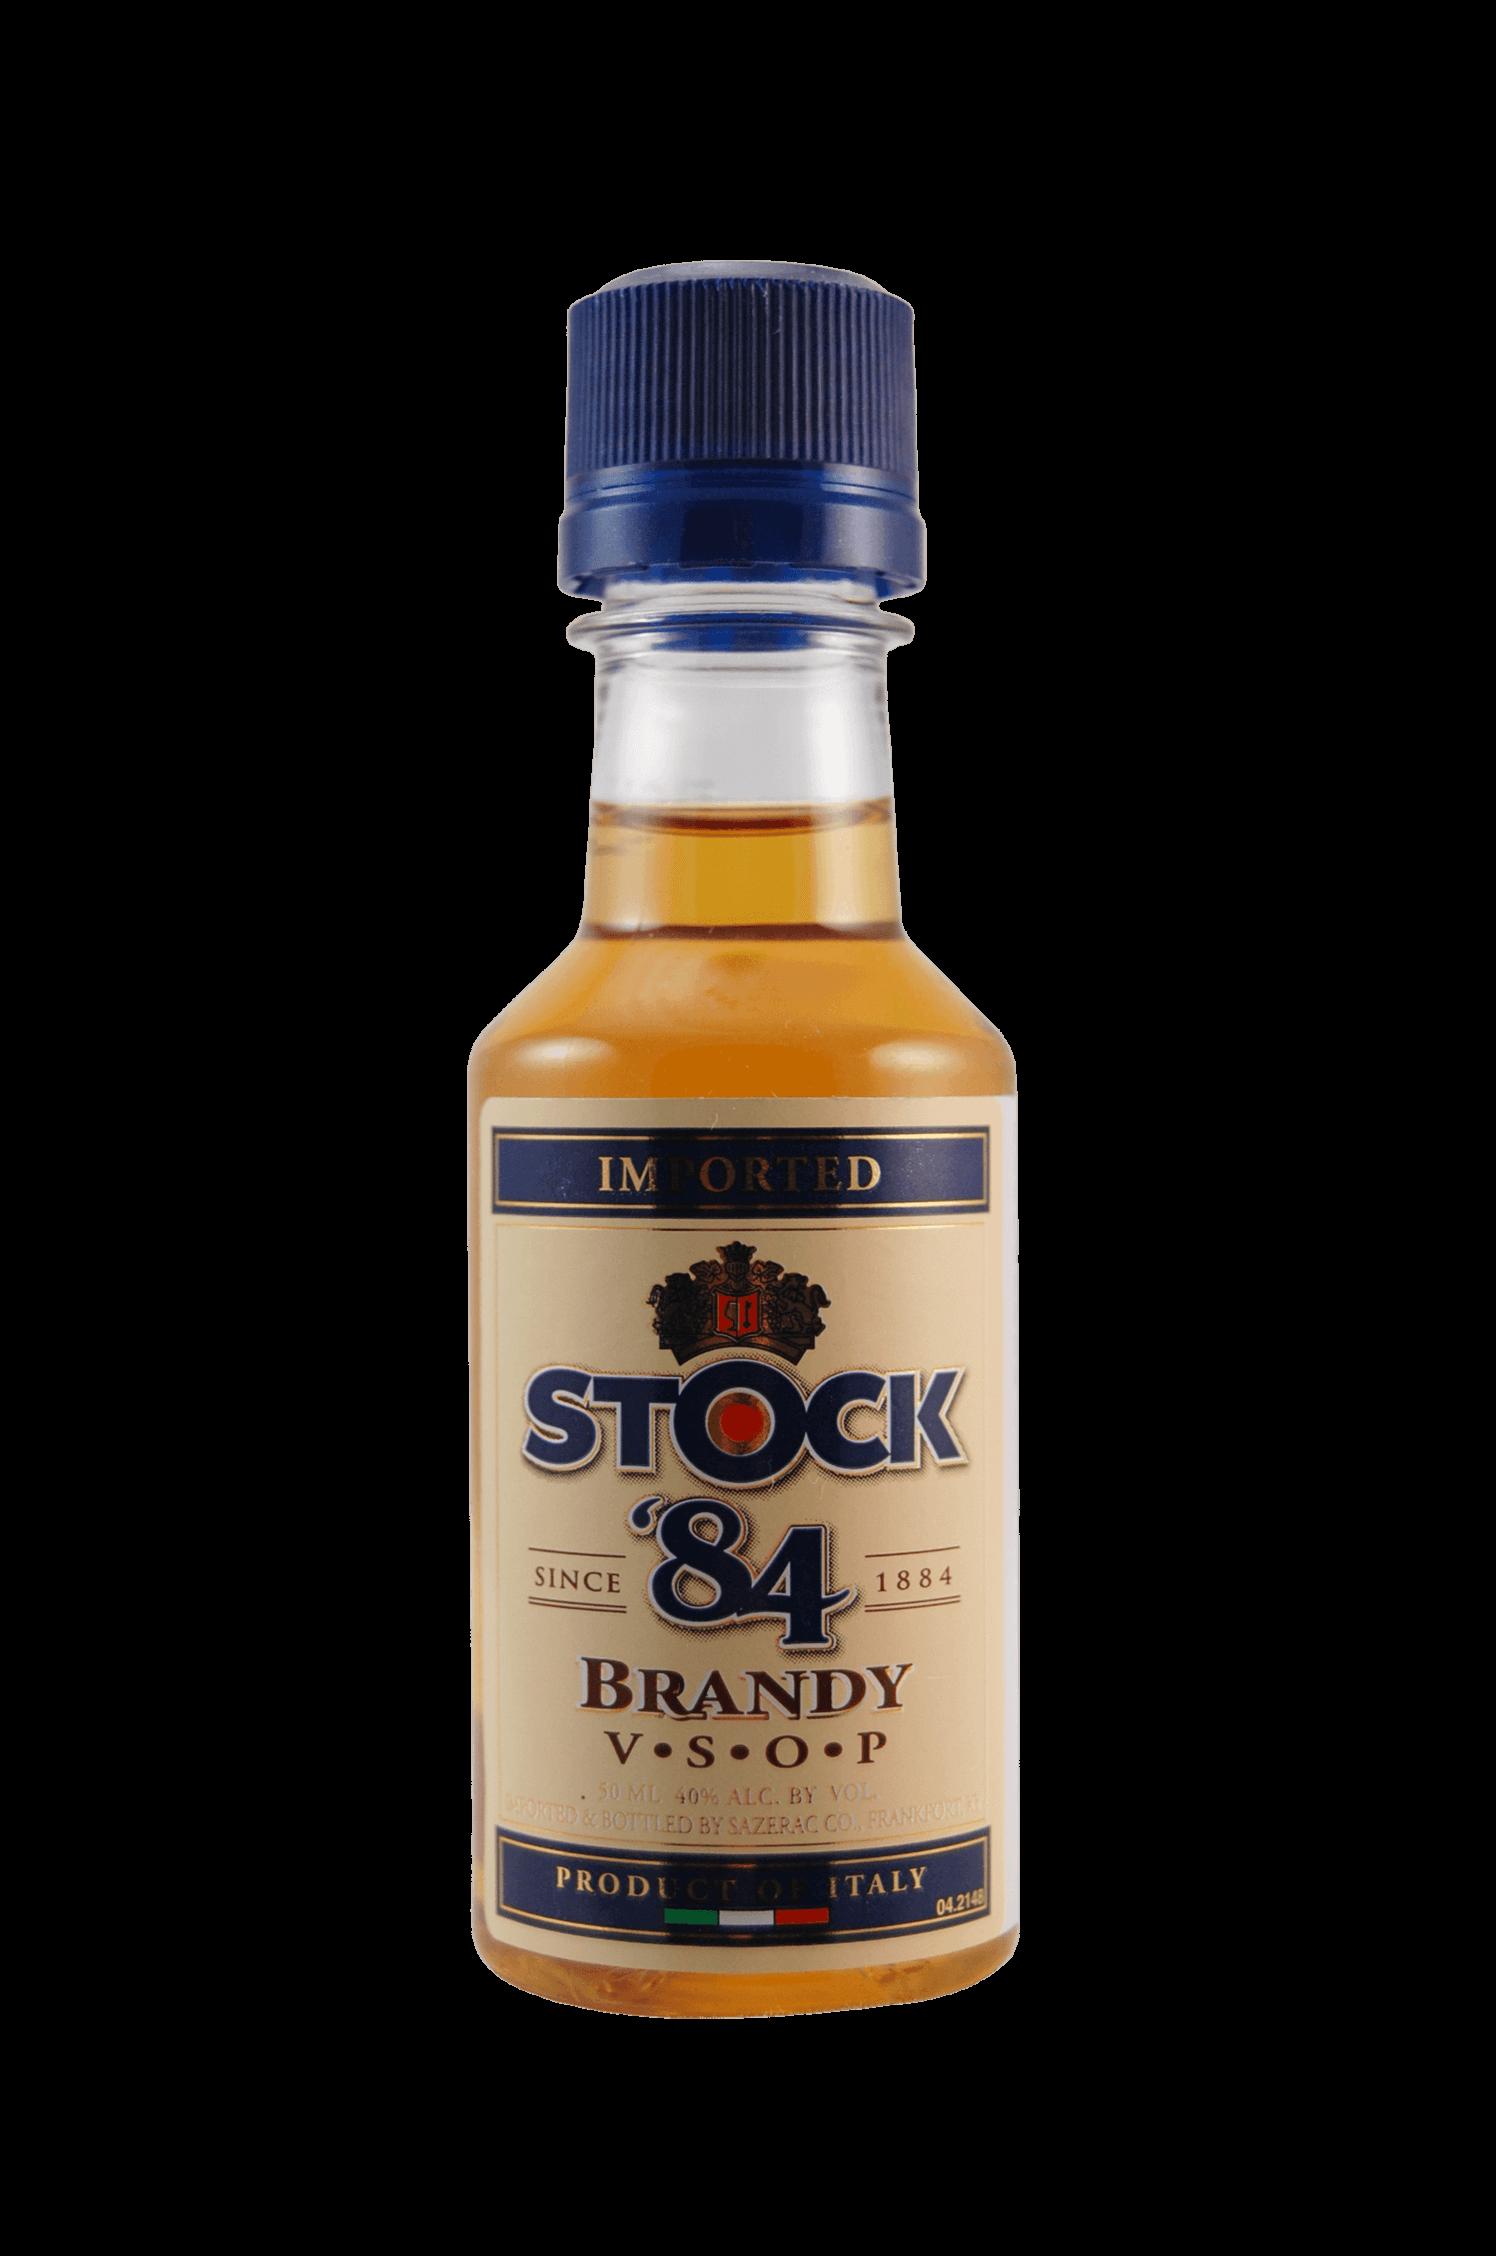 Stock 84 Brandy V.S.O.P.